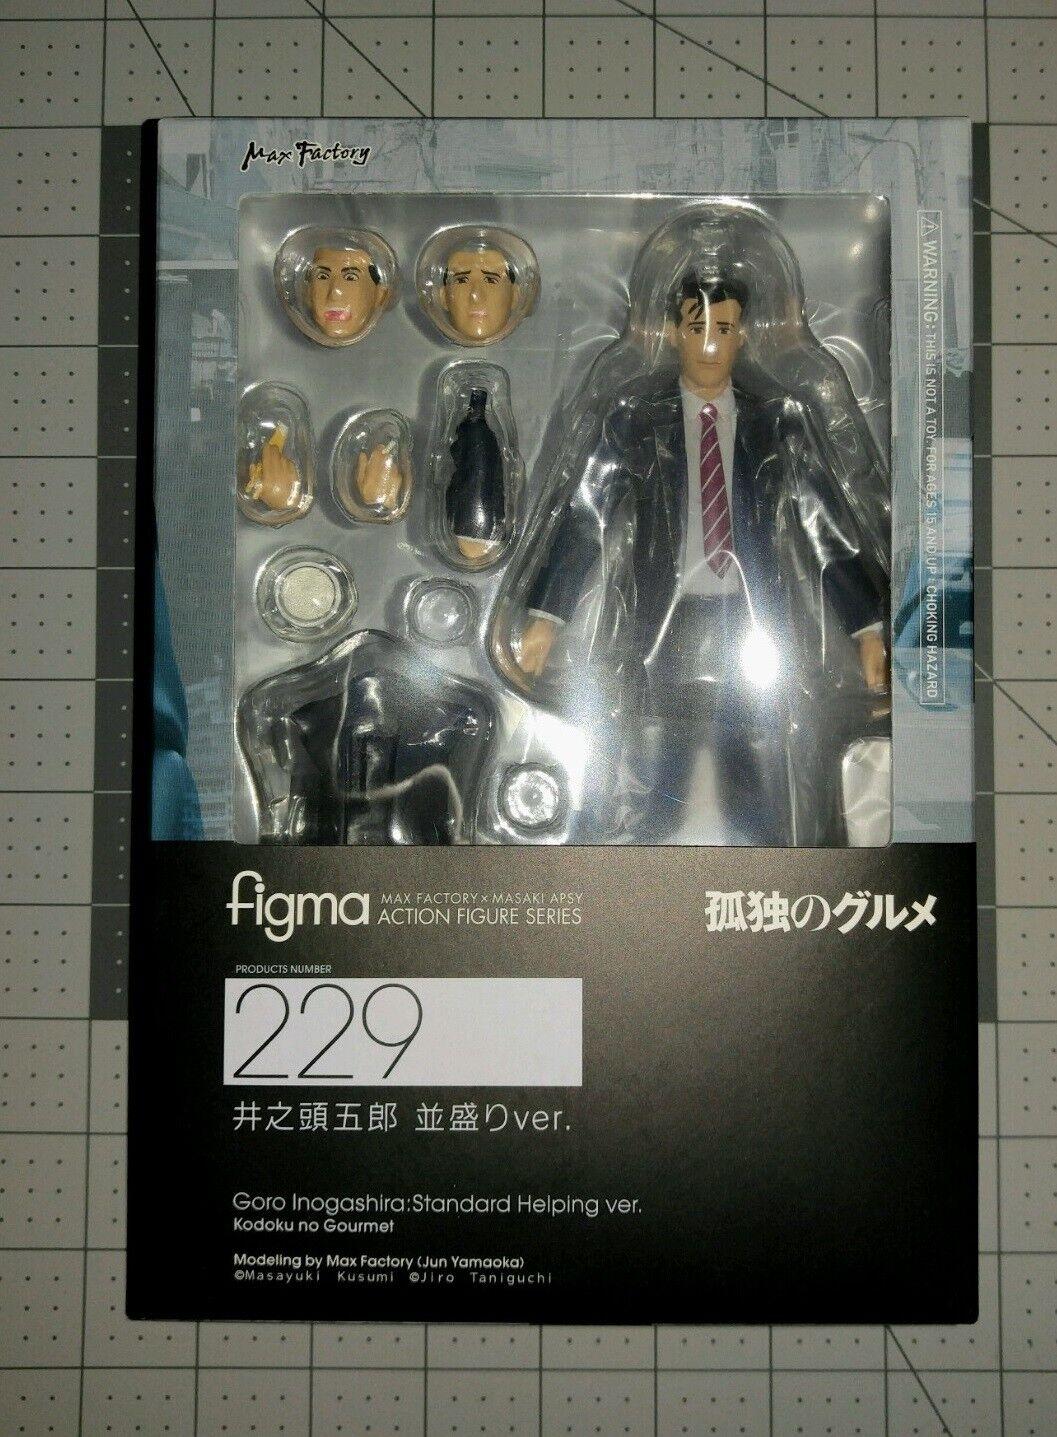 Max Factory Kodoku no gourmet Goro Inogashira Standard helping figma   229 USA